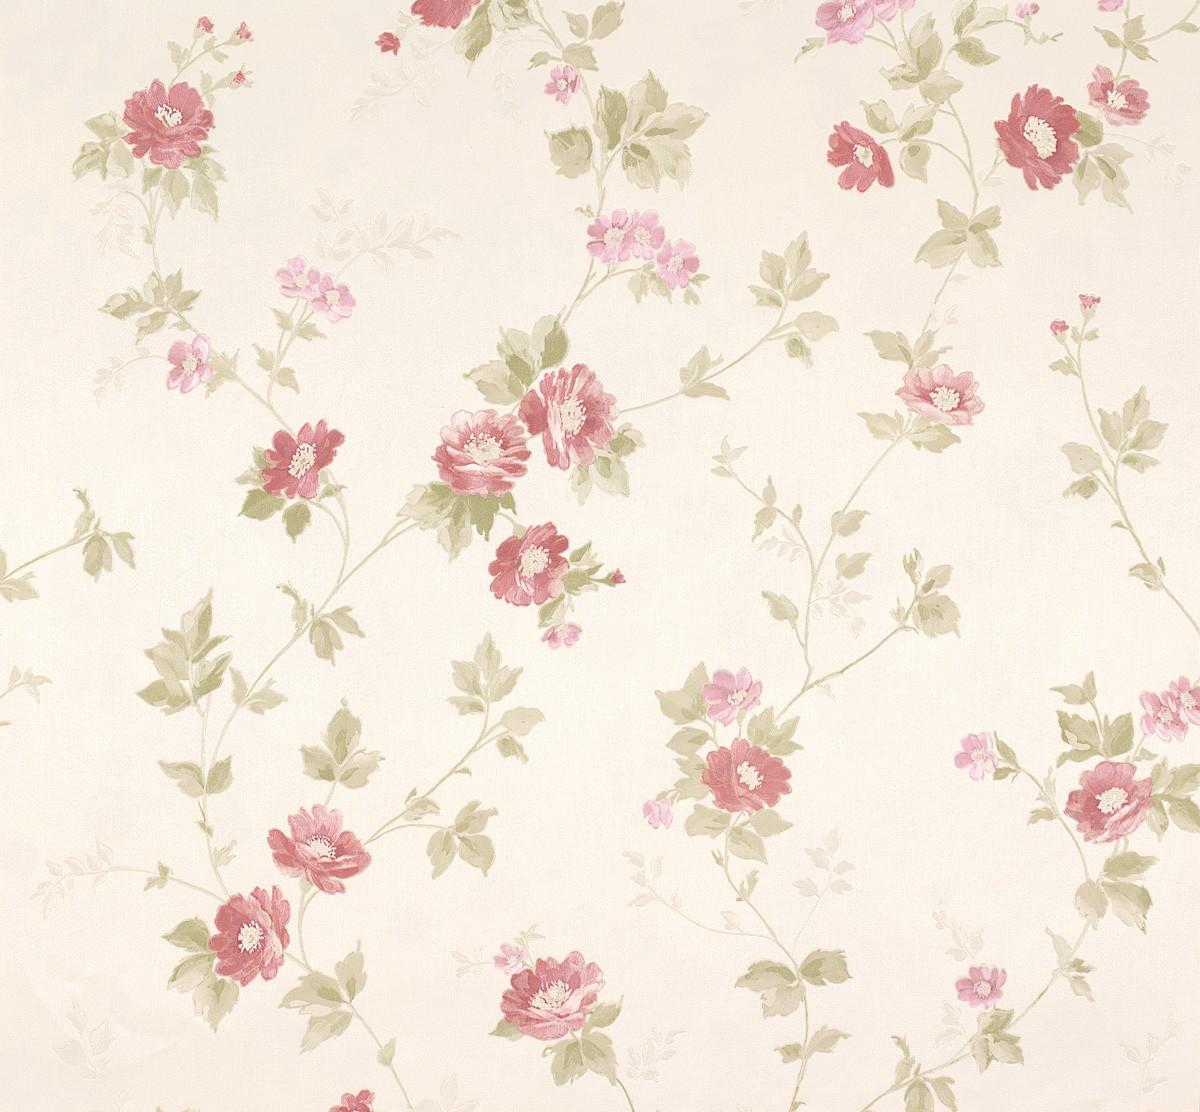 Wallpaper romantica flower cream rose as 30428 1 for Cream rose wallpaper